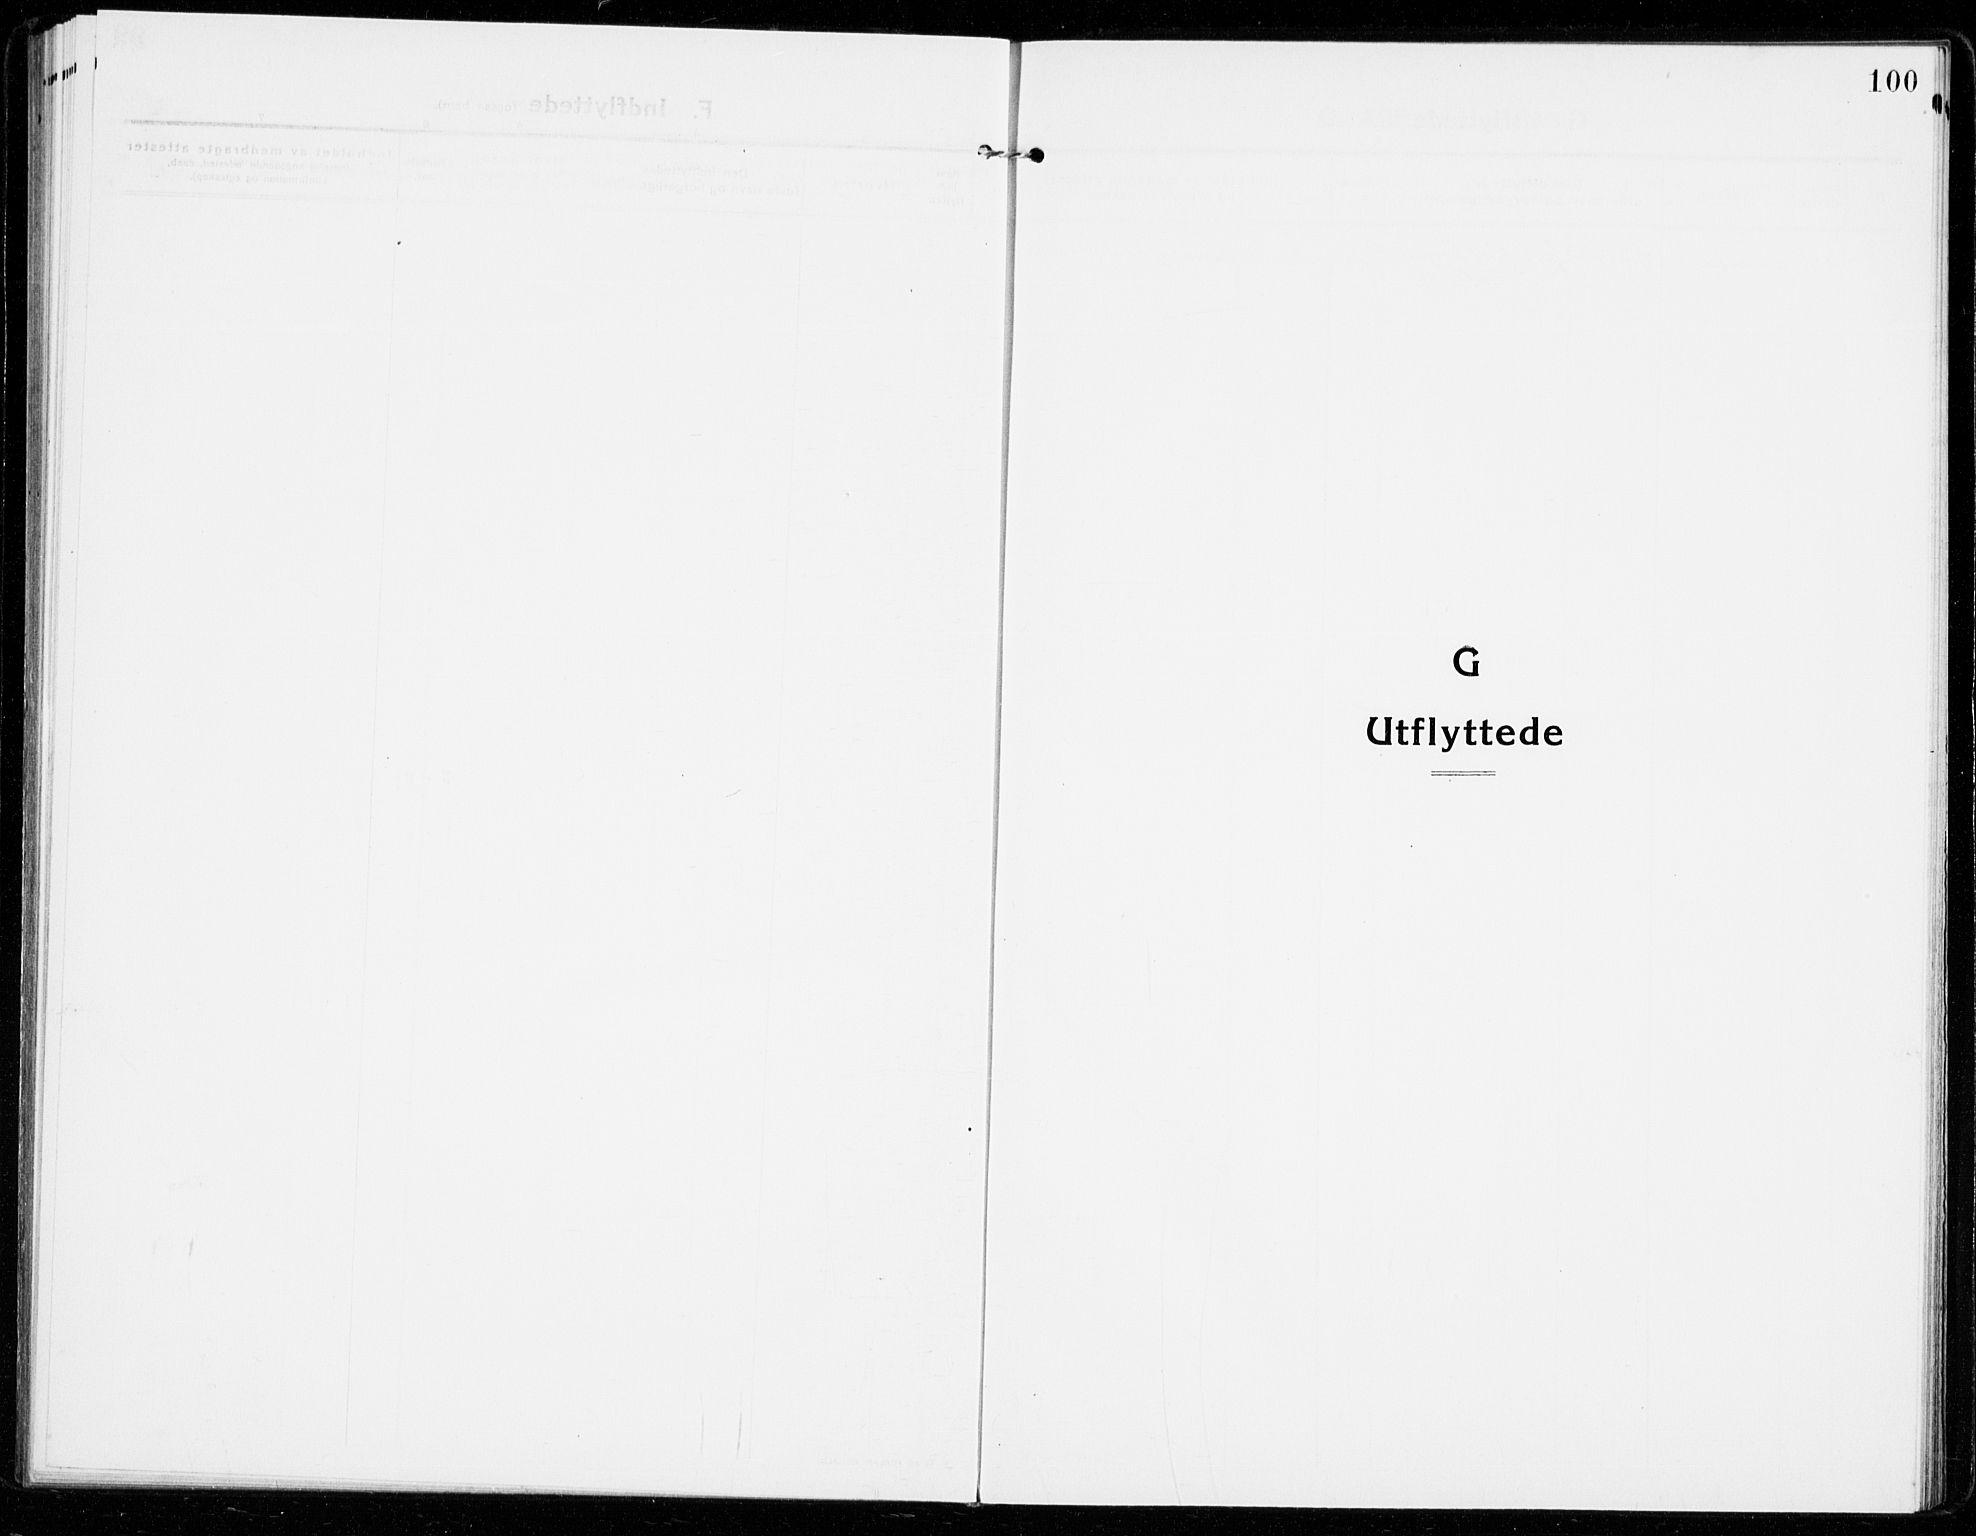 SAKO, Sandar kirkebøker, F/Fa/L0020: Ministerialbok nr. 20, 1915-1919, s. 100